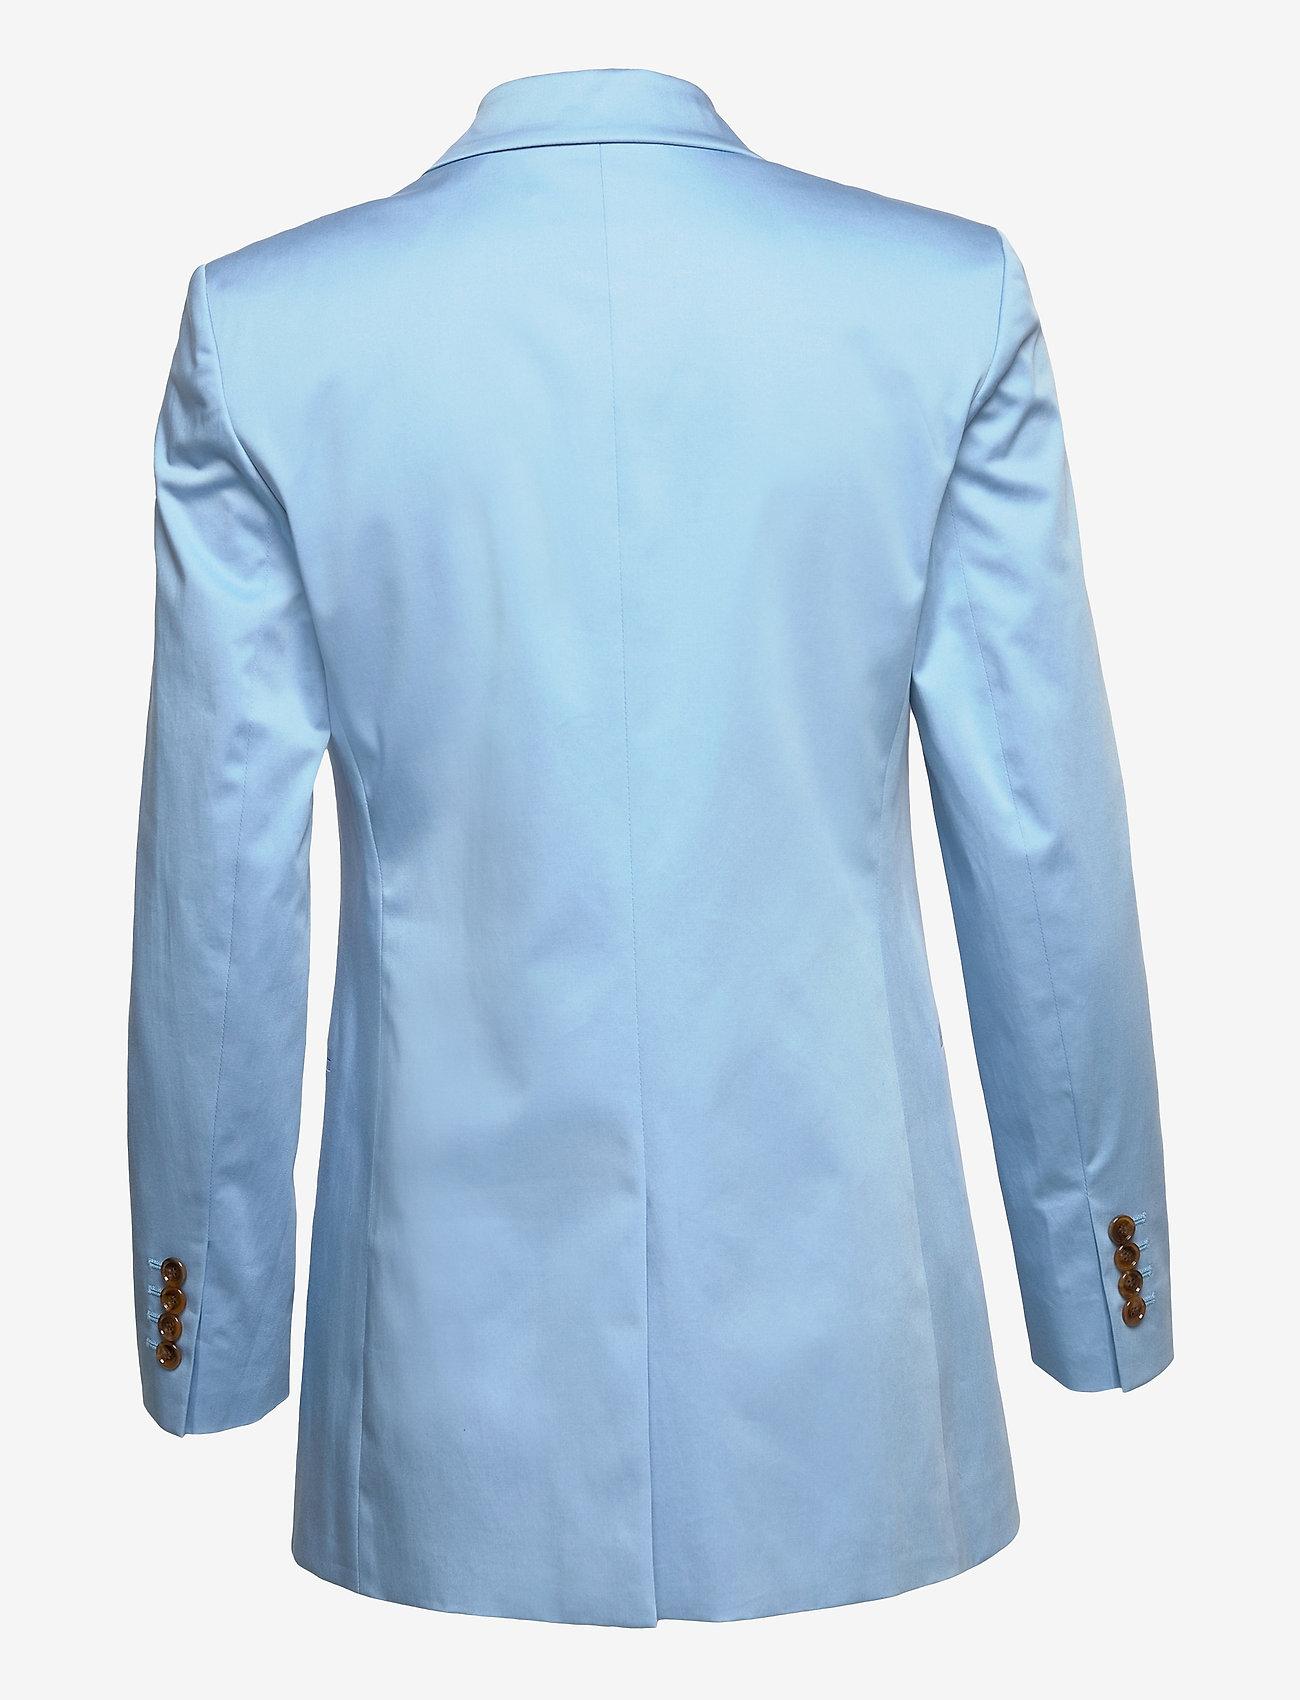 BOSS - Jericona - vestes habillées - light/pastel blue - 1